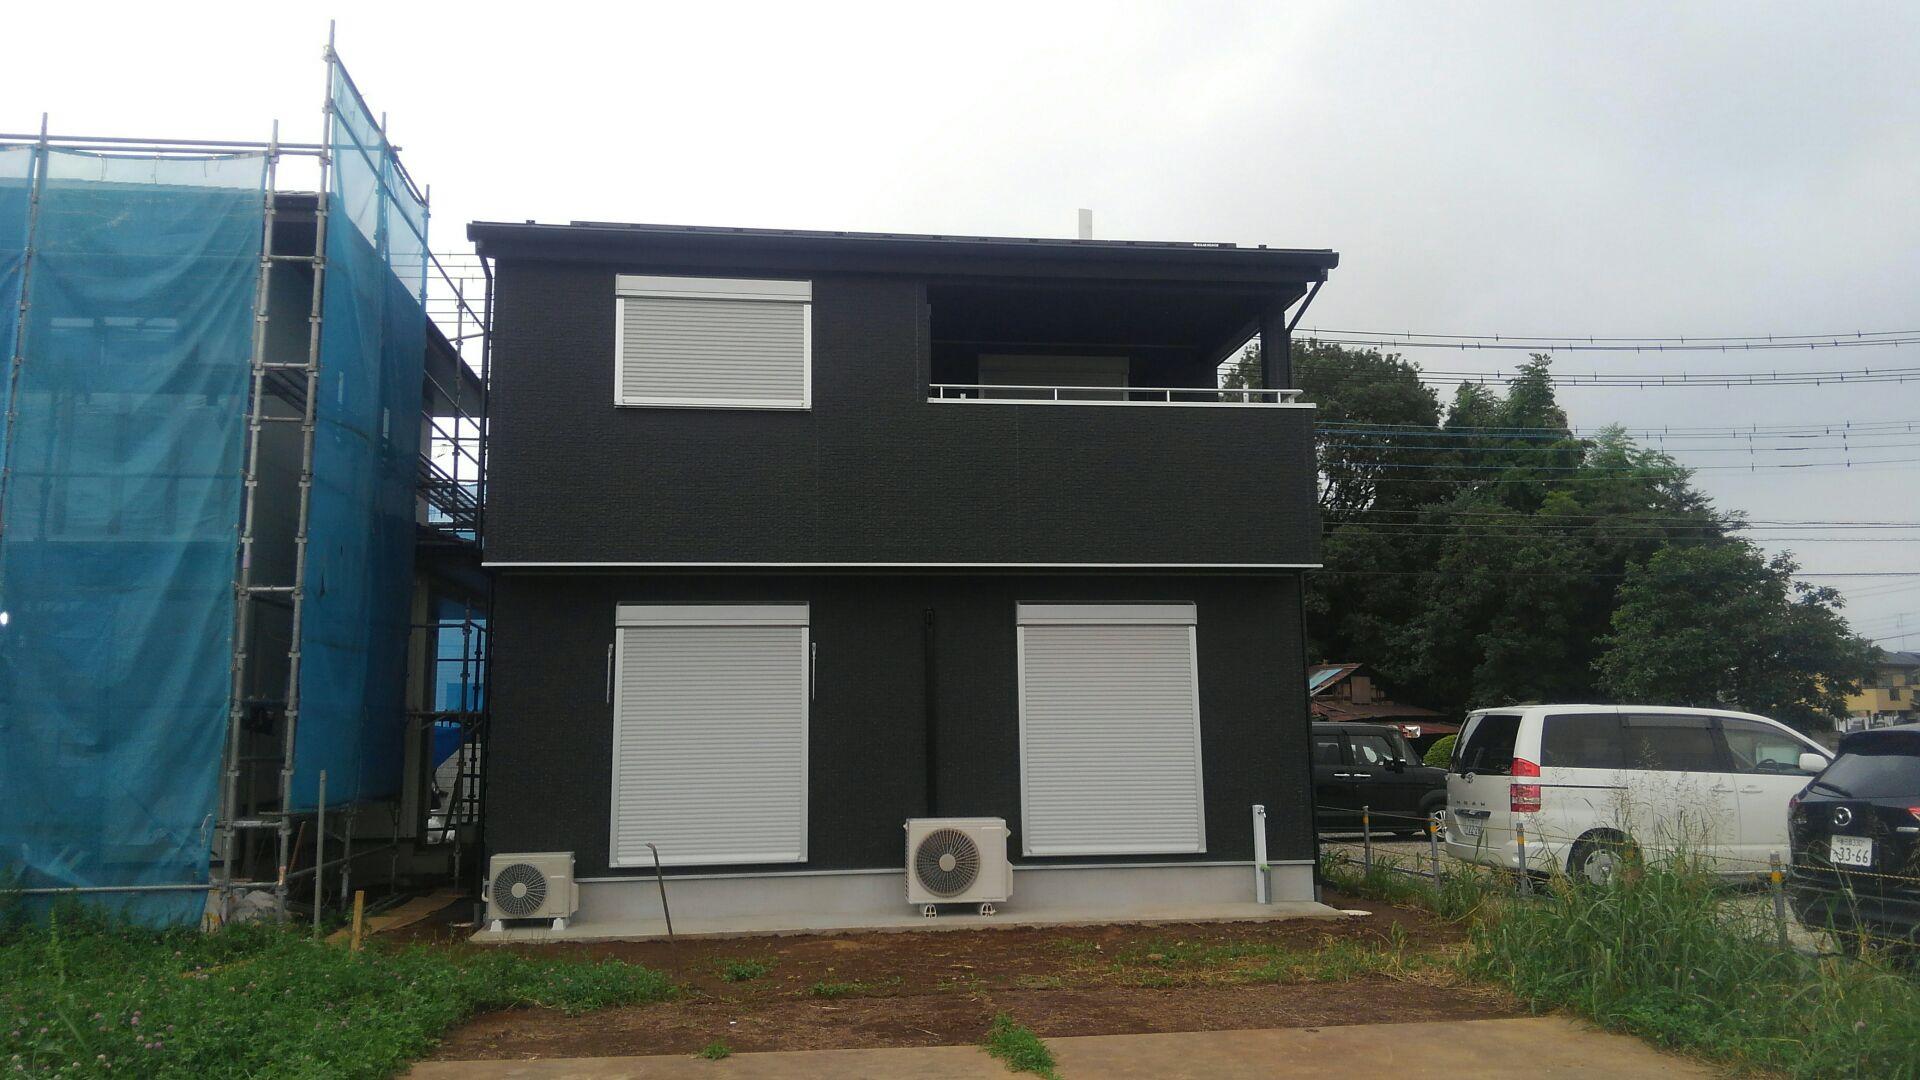 そして、建物全貌がお披露目です!黒を基調としたたたずまい。シブイ!M様邸お引渡しです。